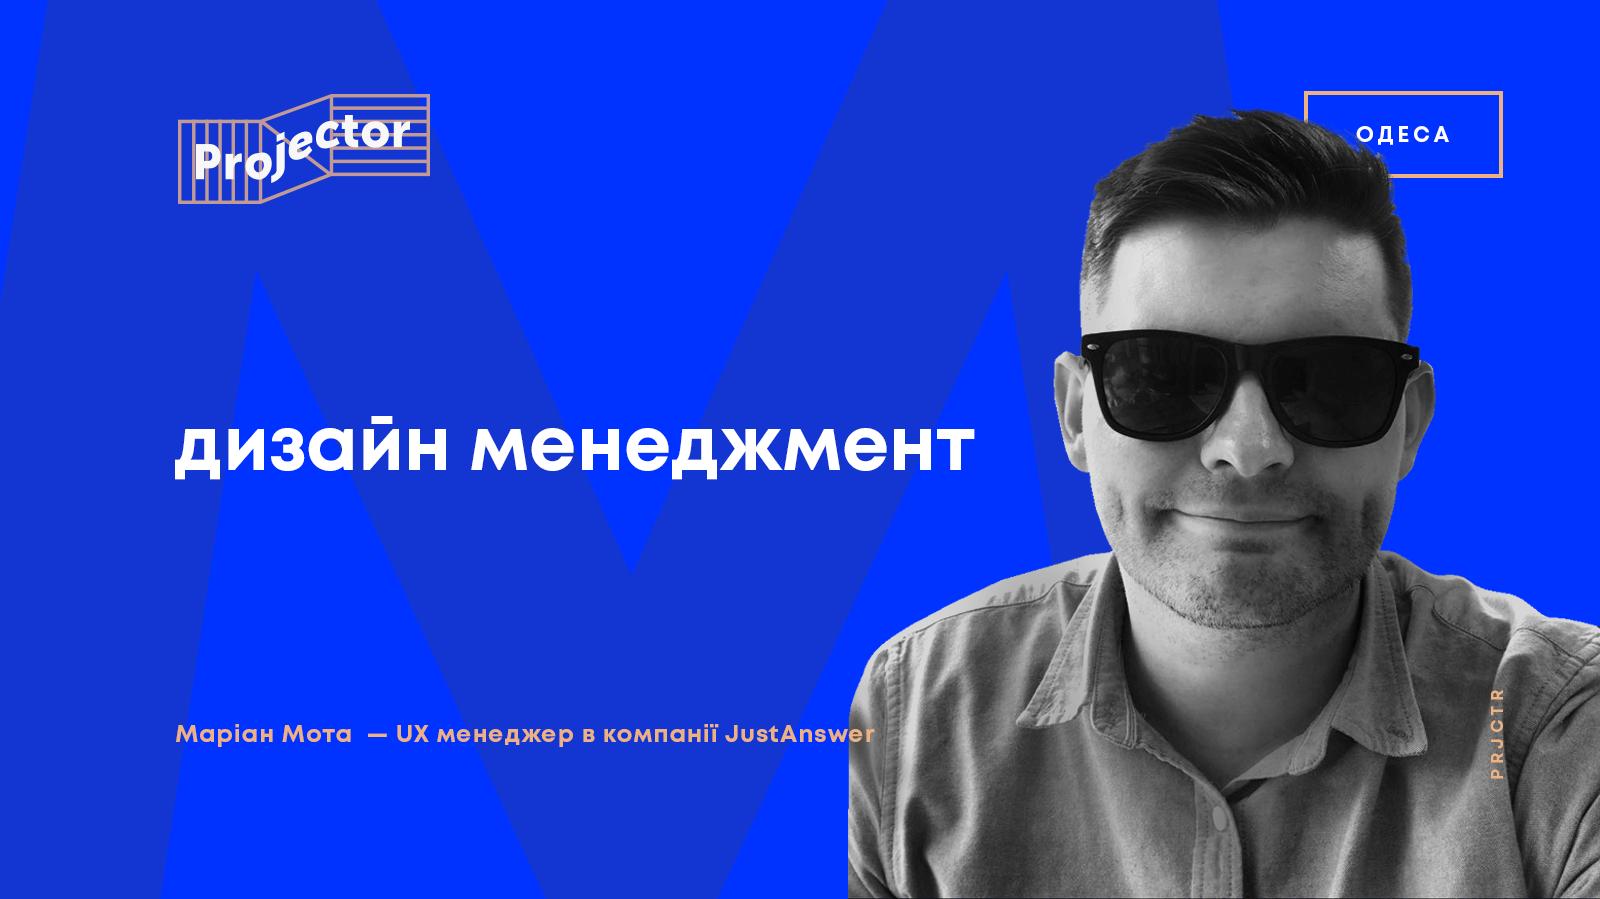 ДИЗАЙН МЕНЕДЖМЕНТ